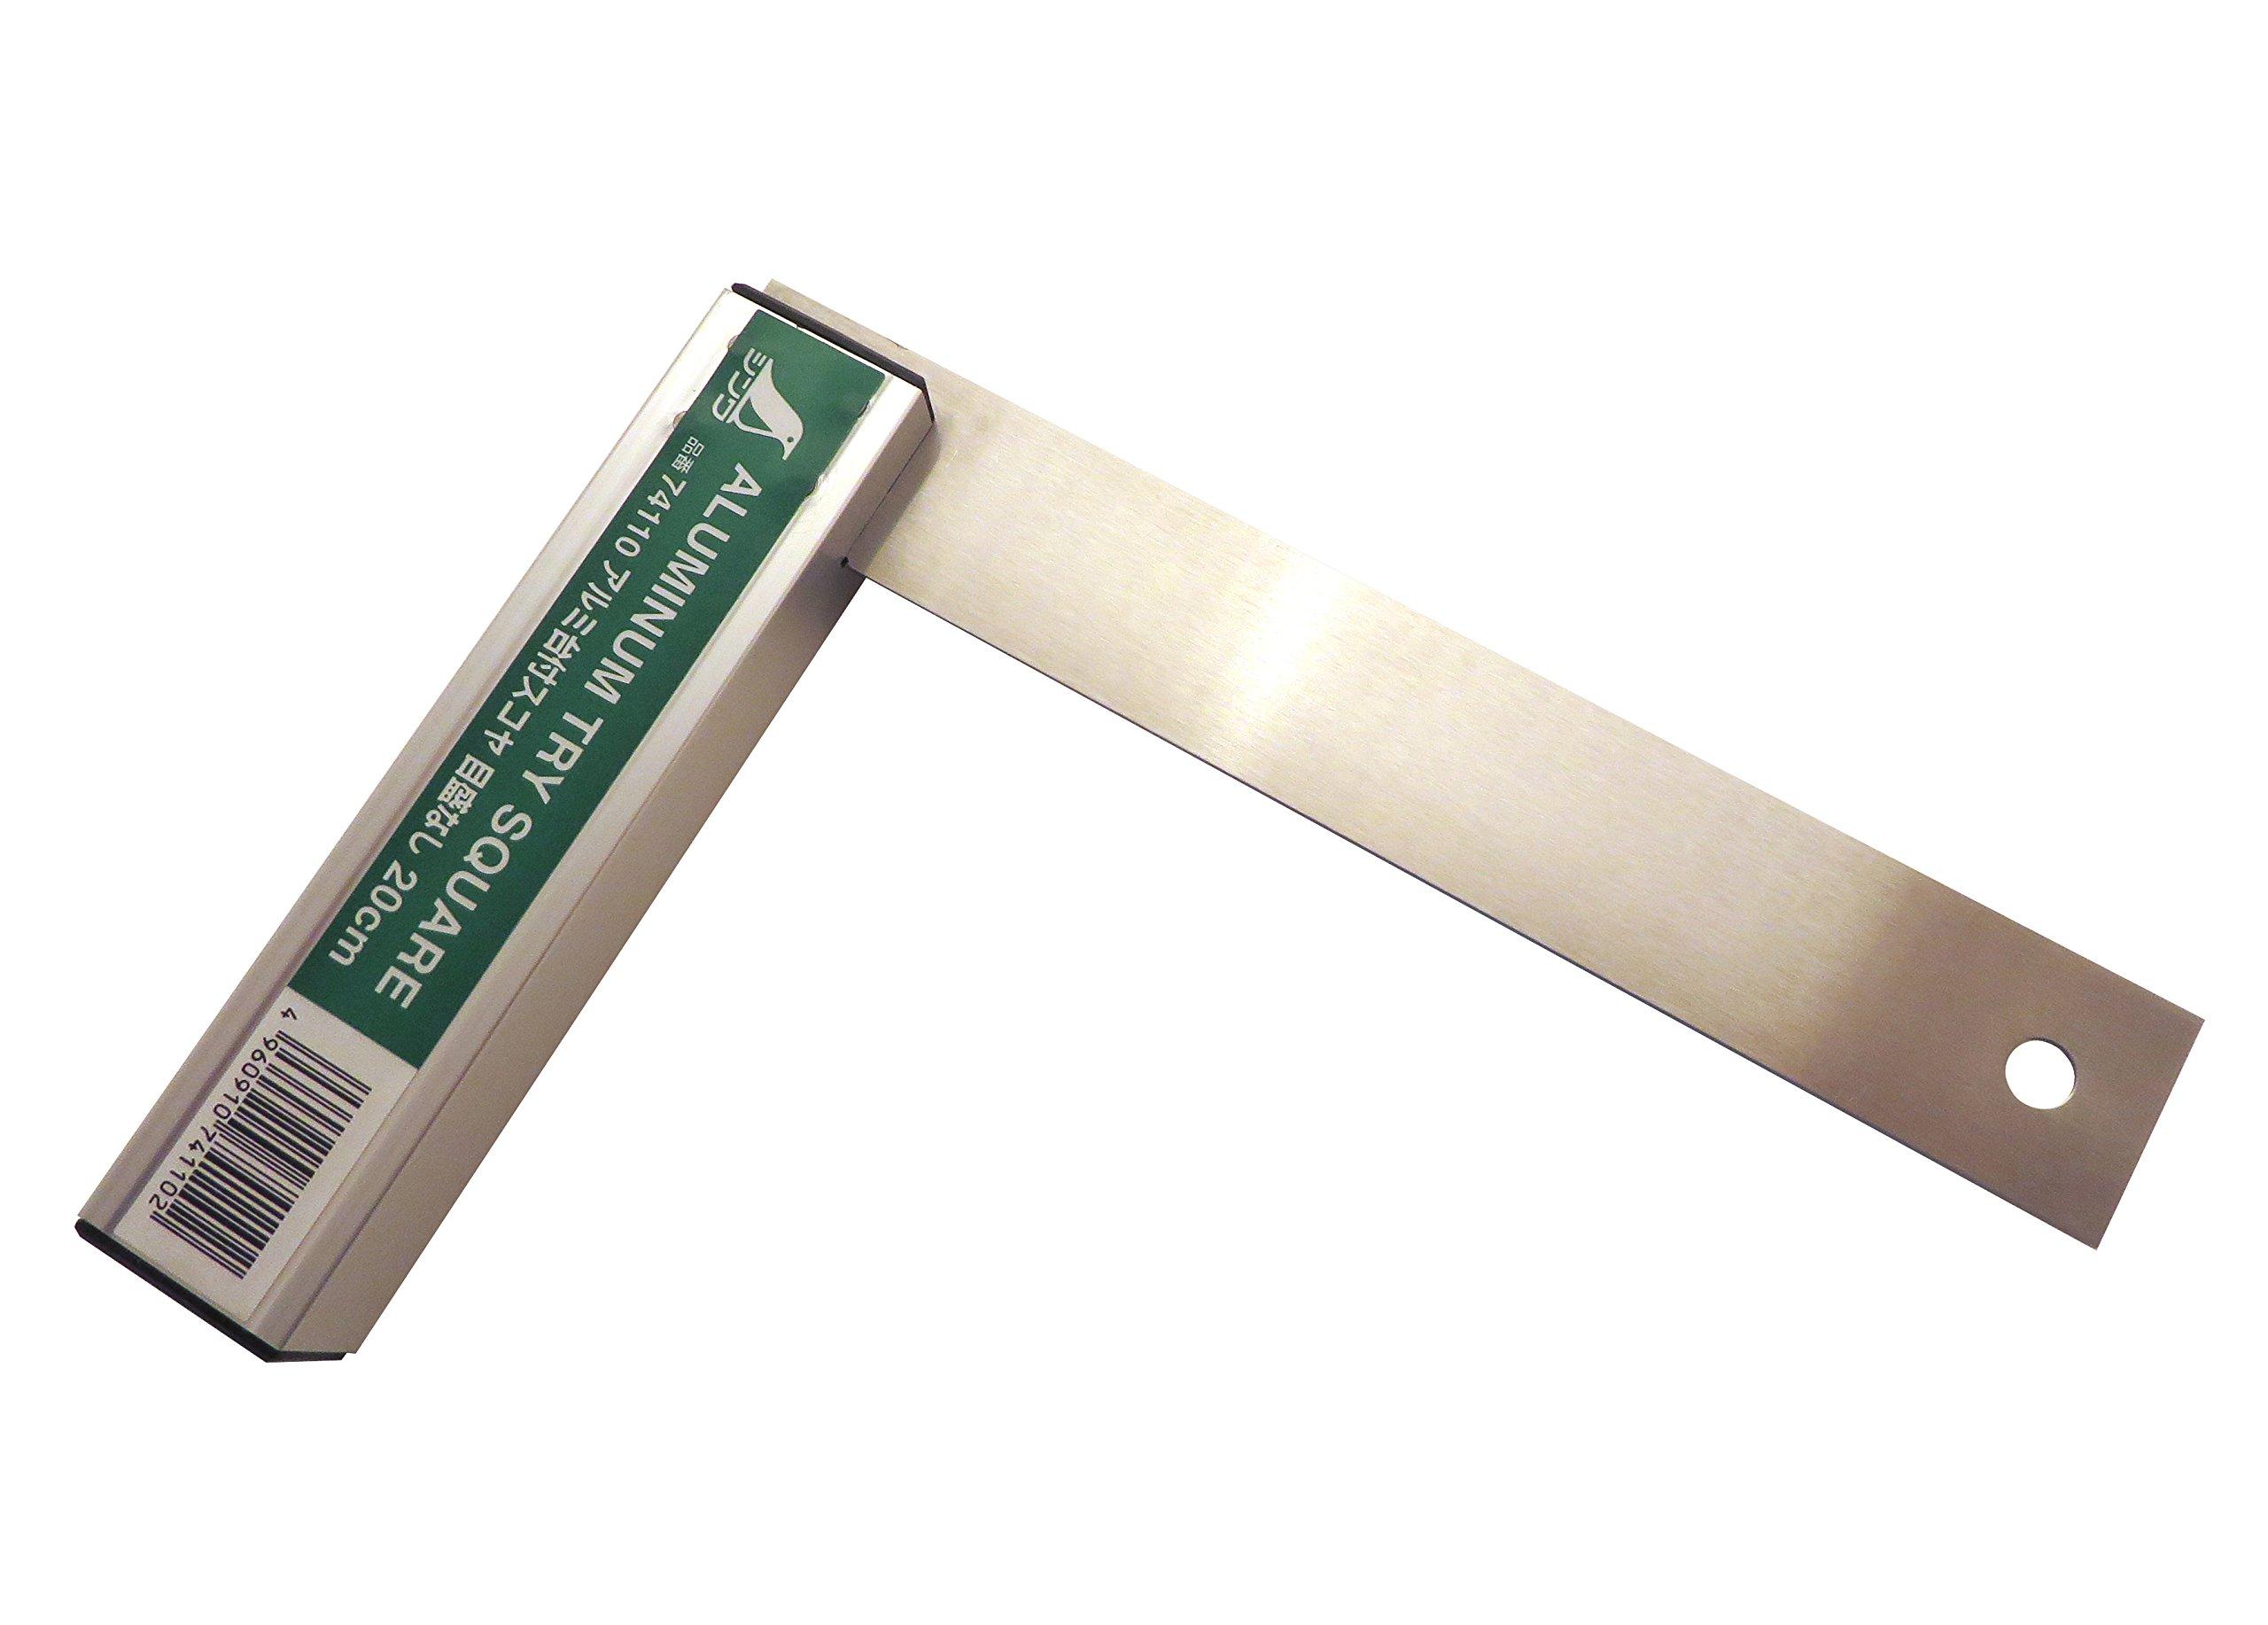 Shinwa Japanese 200 mm/ 8'' Machinist Engineer Square Aluminum & Stainless Steel 74110